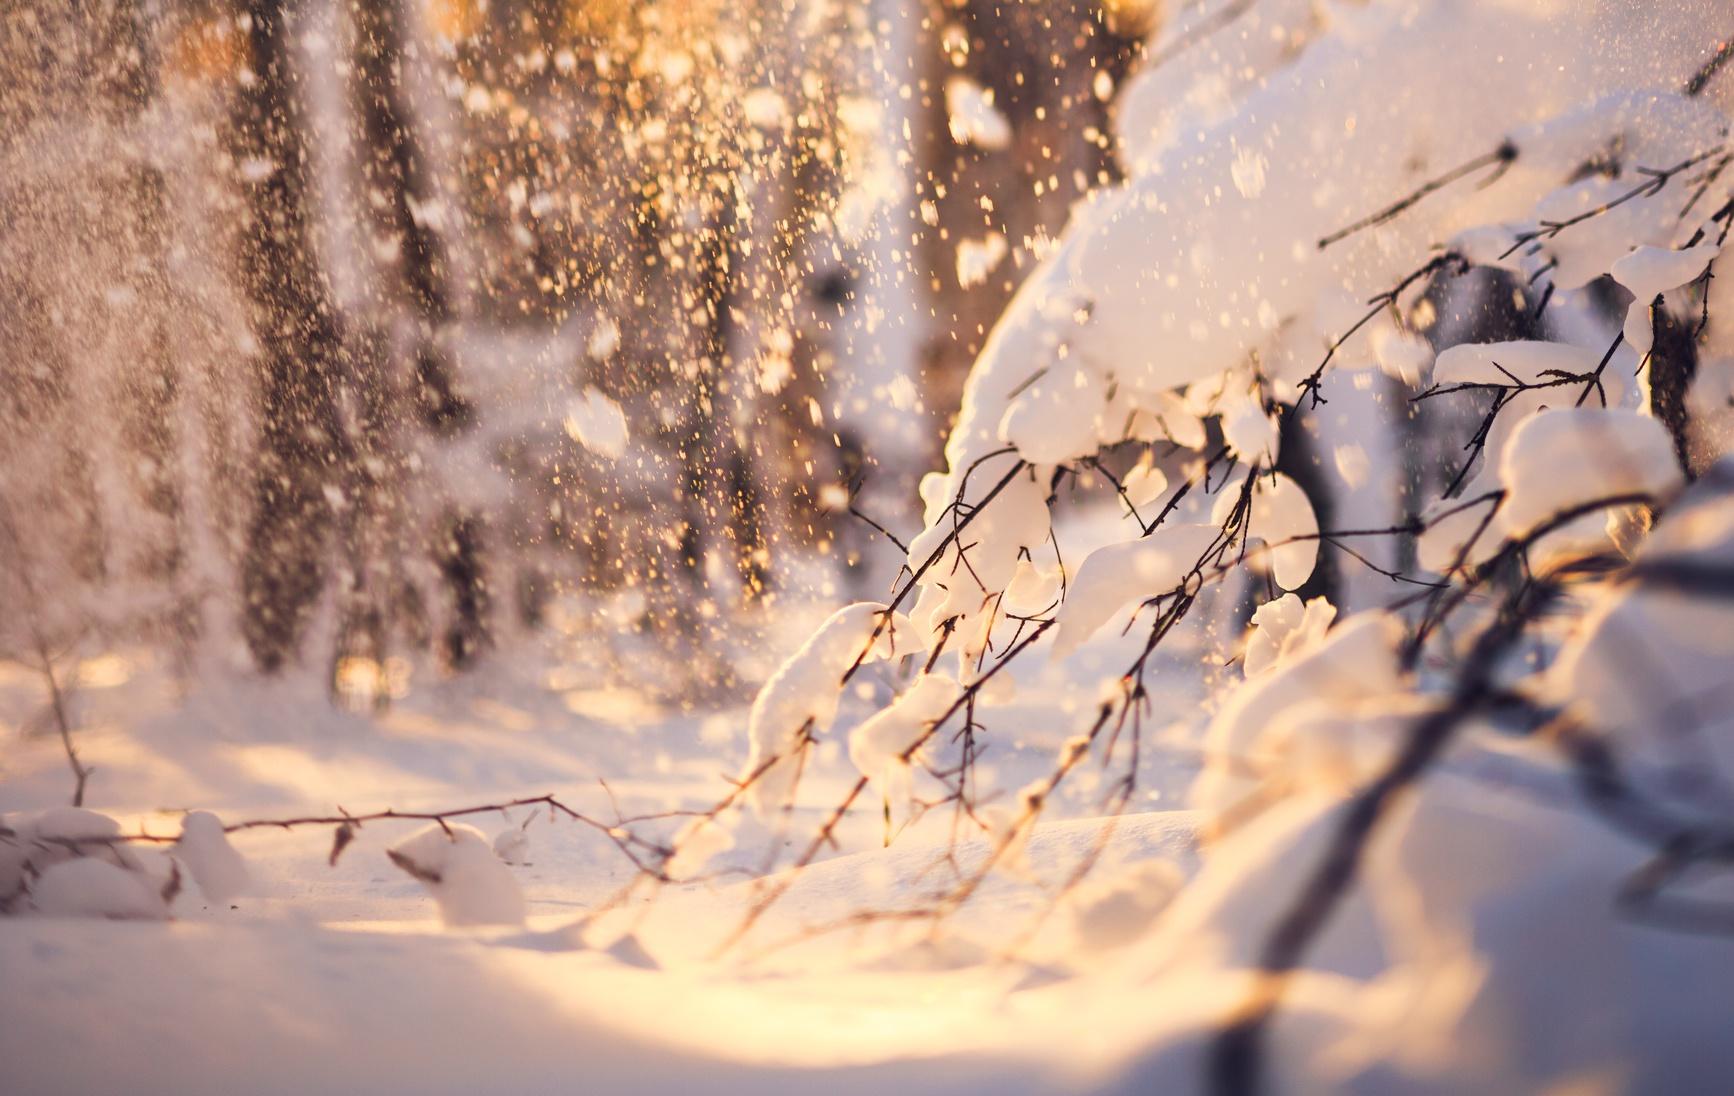 Sonnenstrahlen leuchten durch verschneite Bäume hindurch.